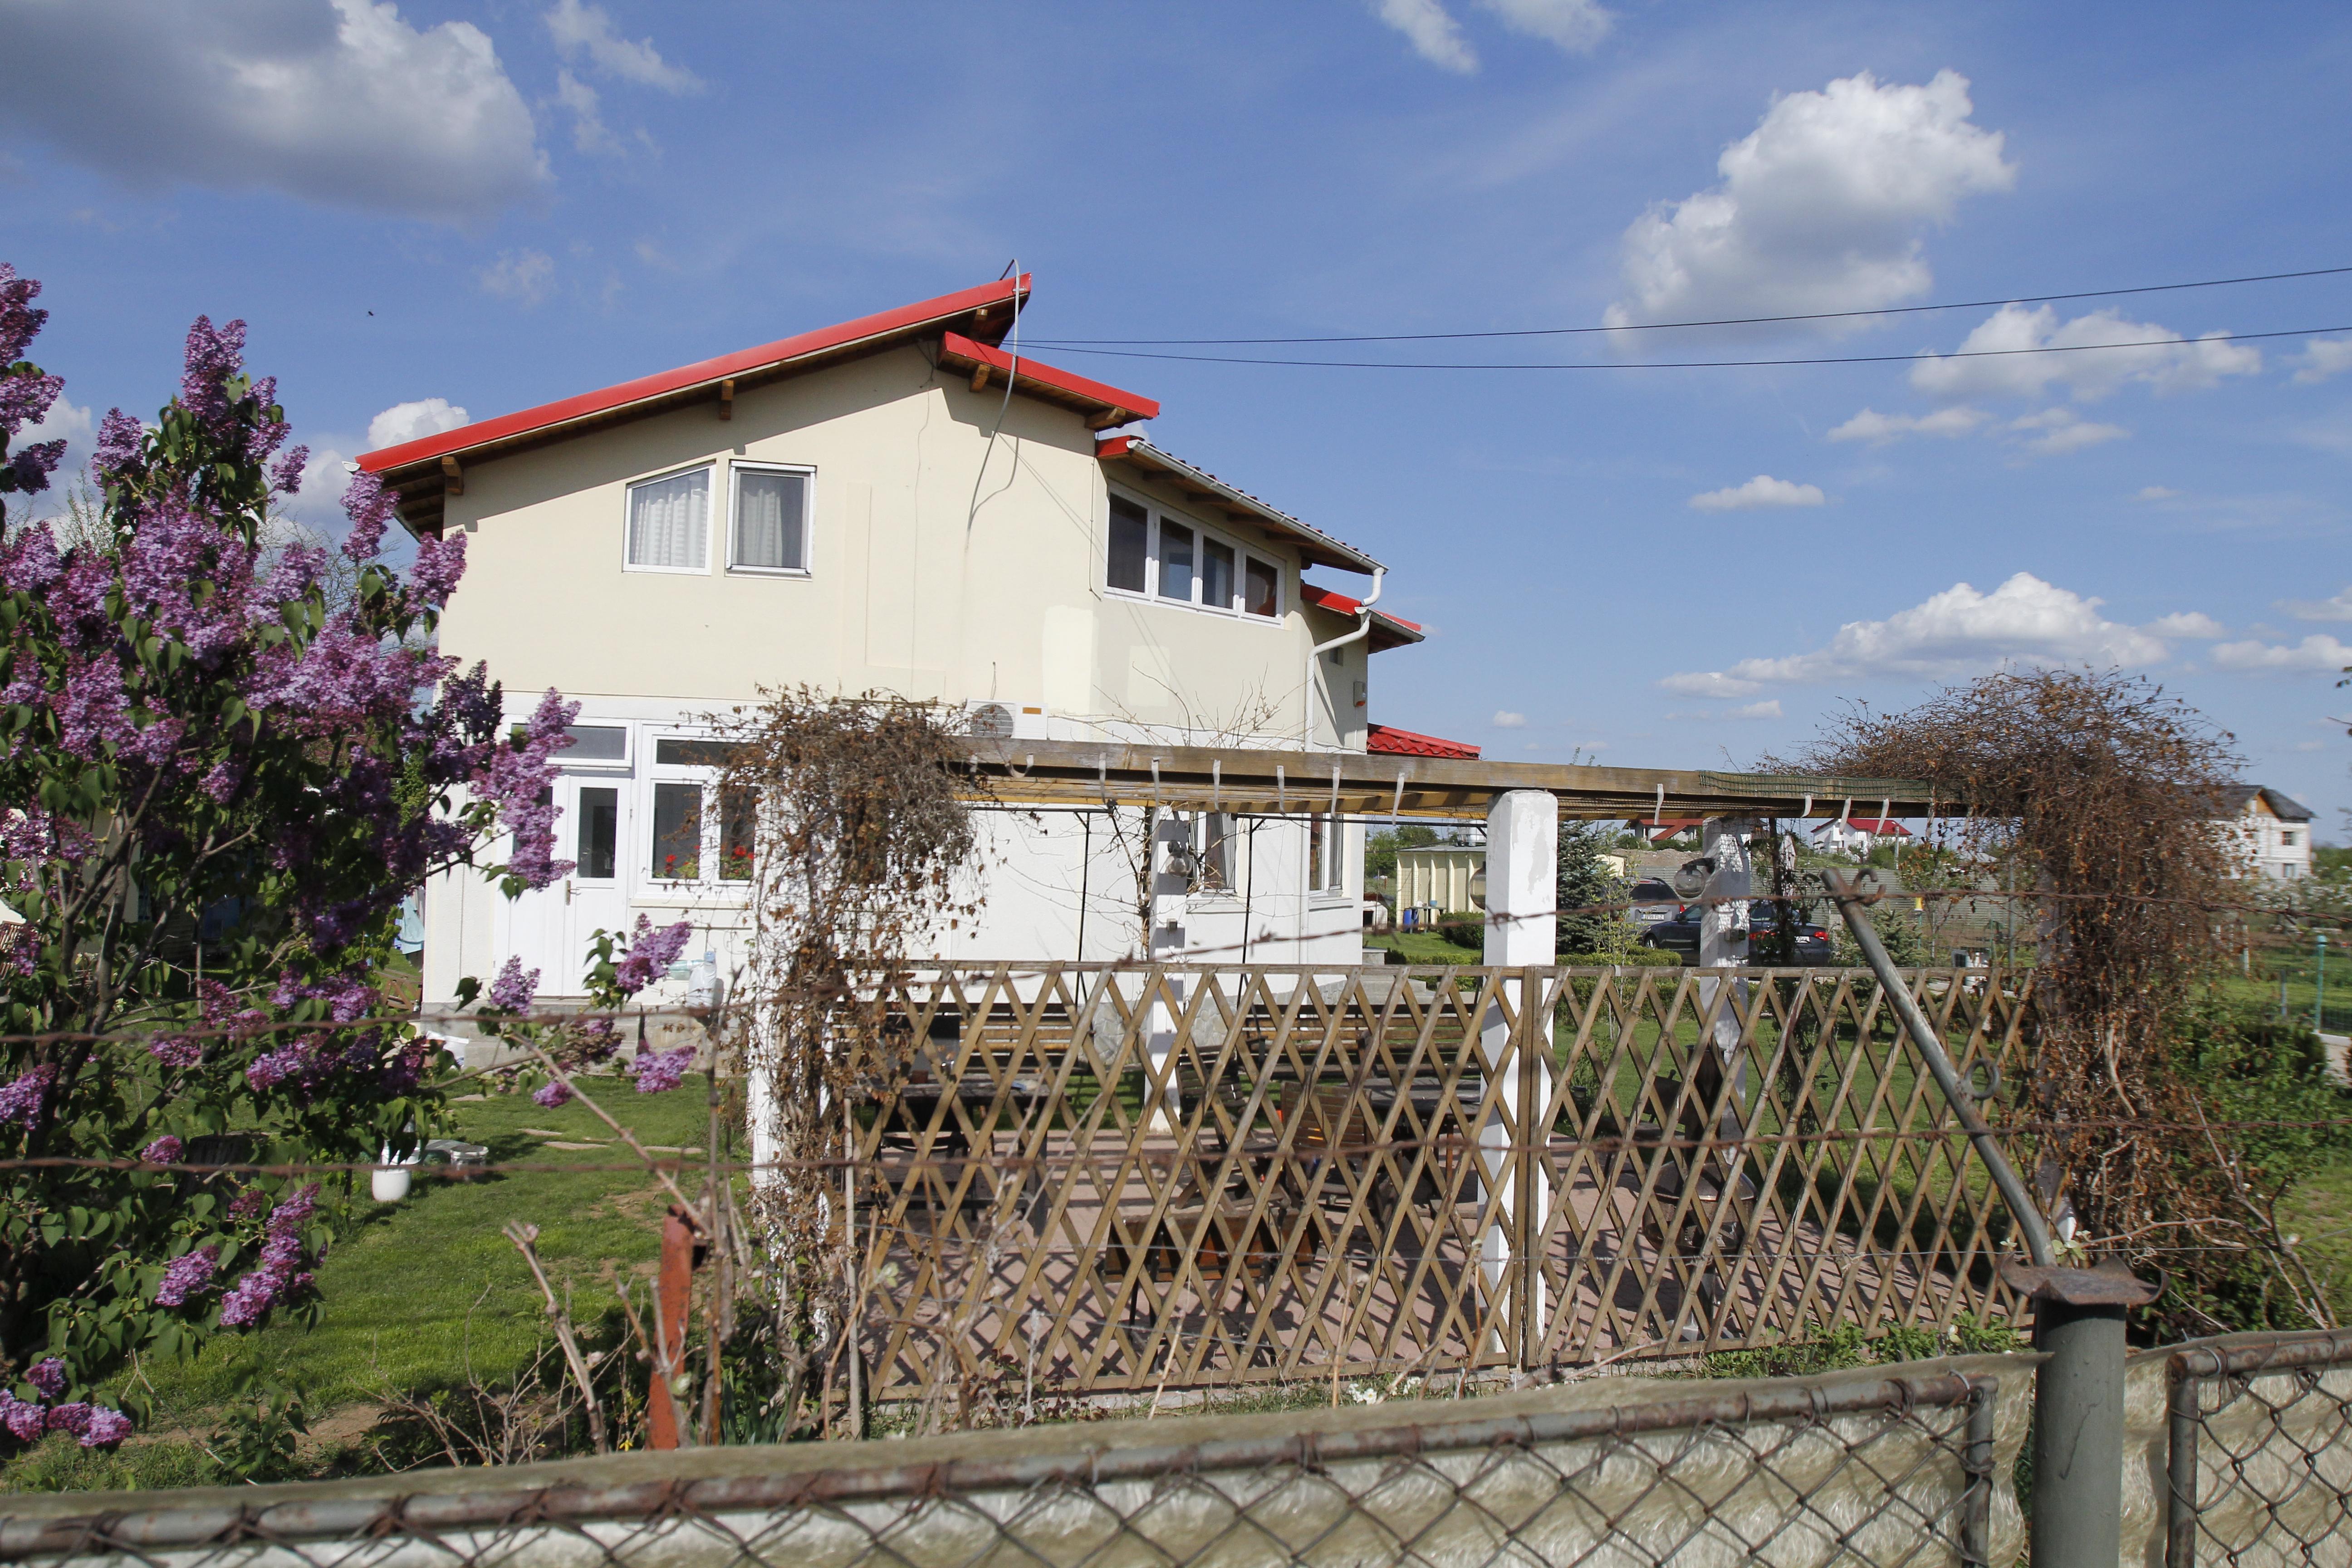 Acesta este locuinta pe care Florin Zamfirescu i-a lasat-o Catalinei Mustata dupa divort